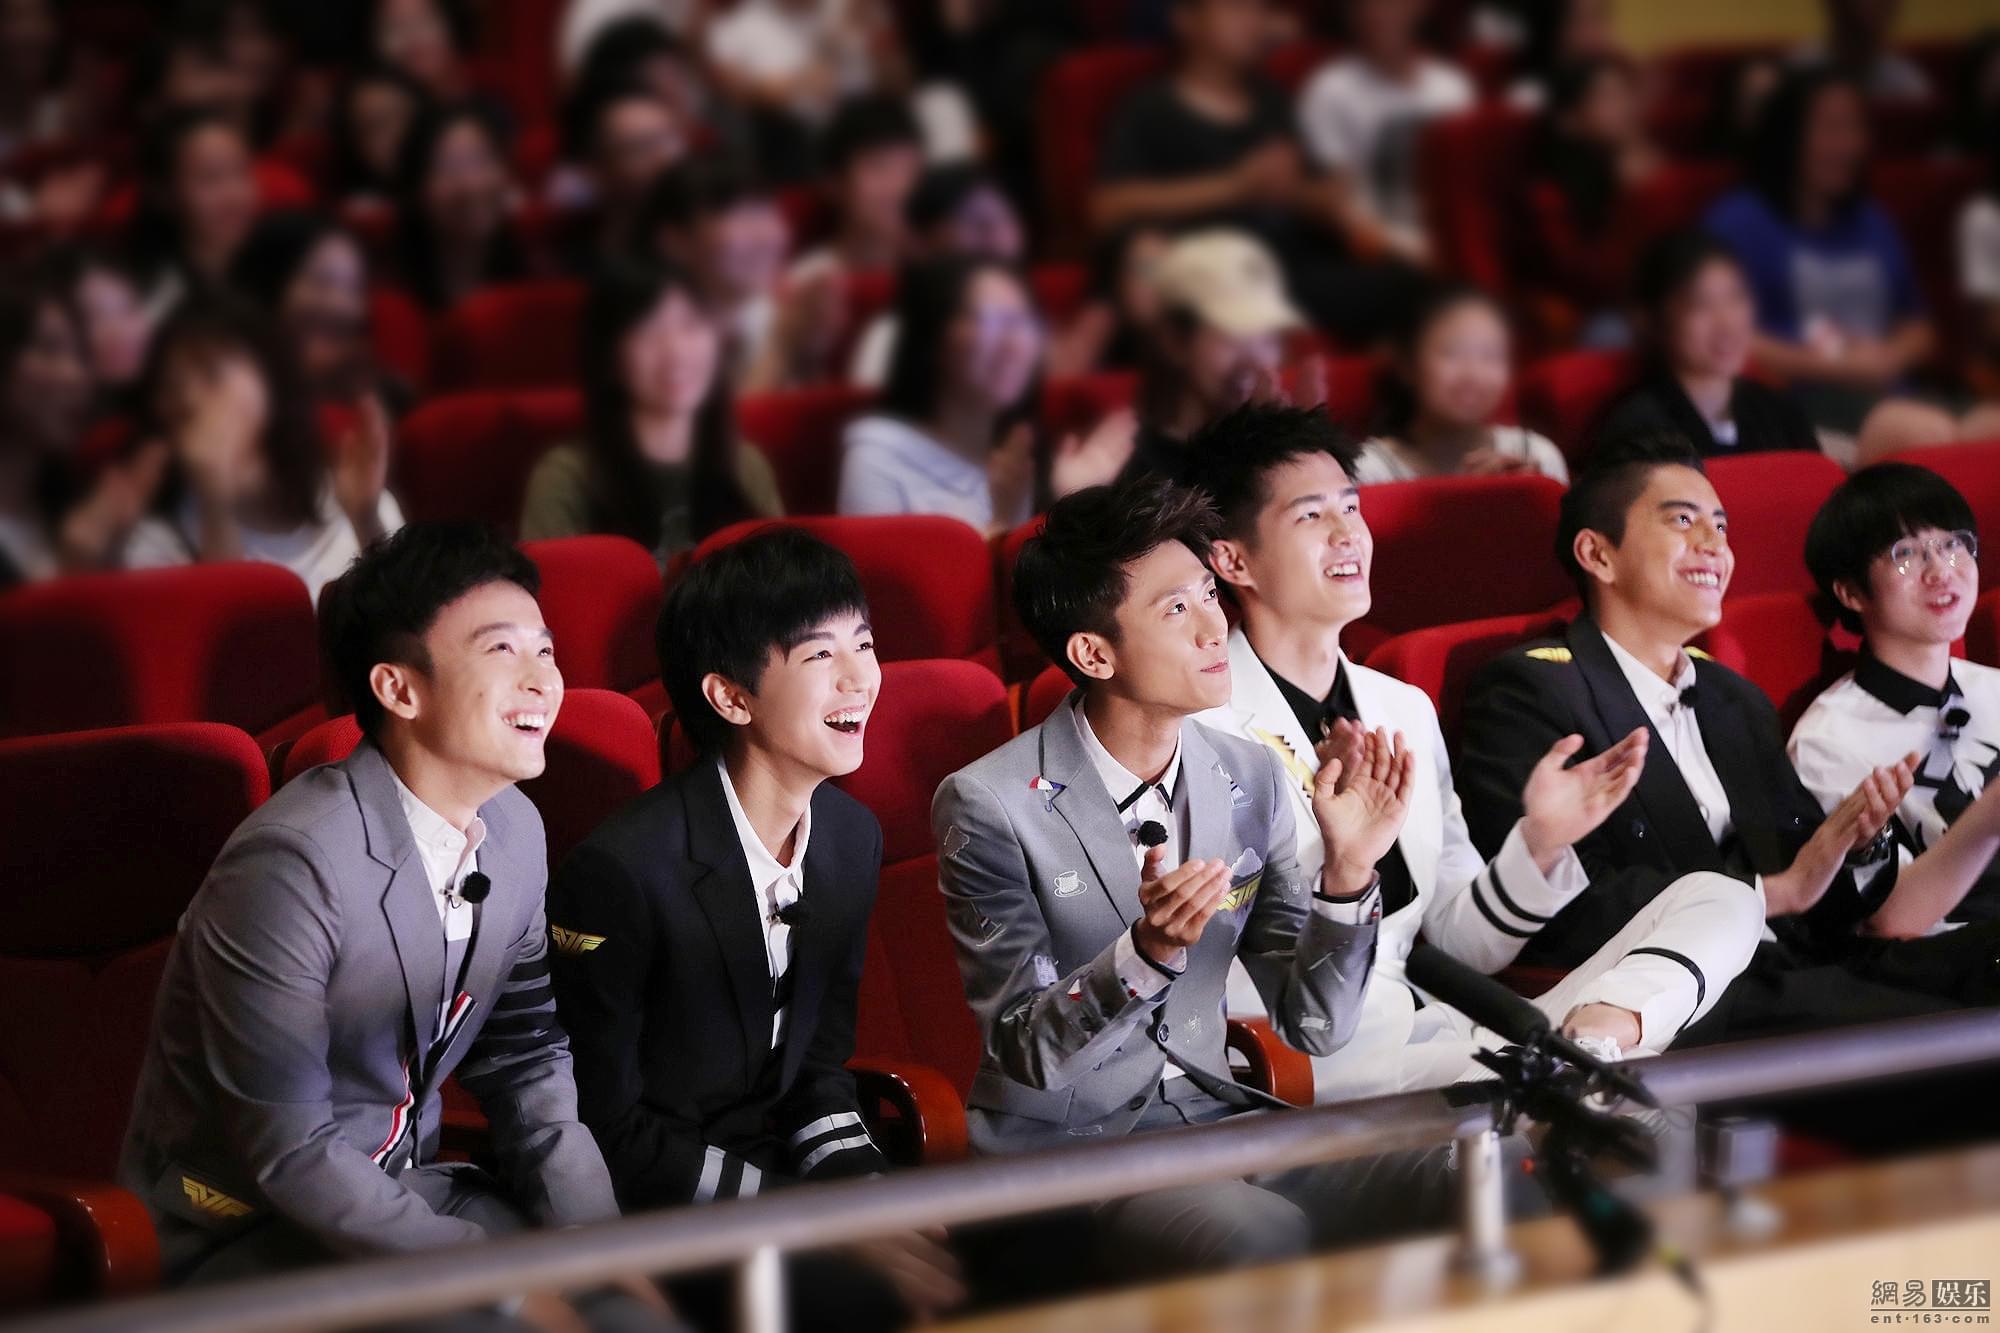 《高能少年团》收视率逆袭成第二季度周六档冠军